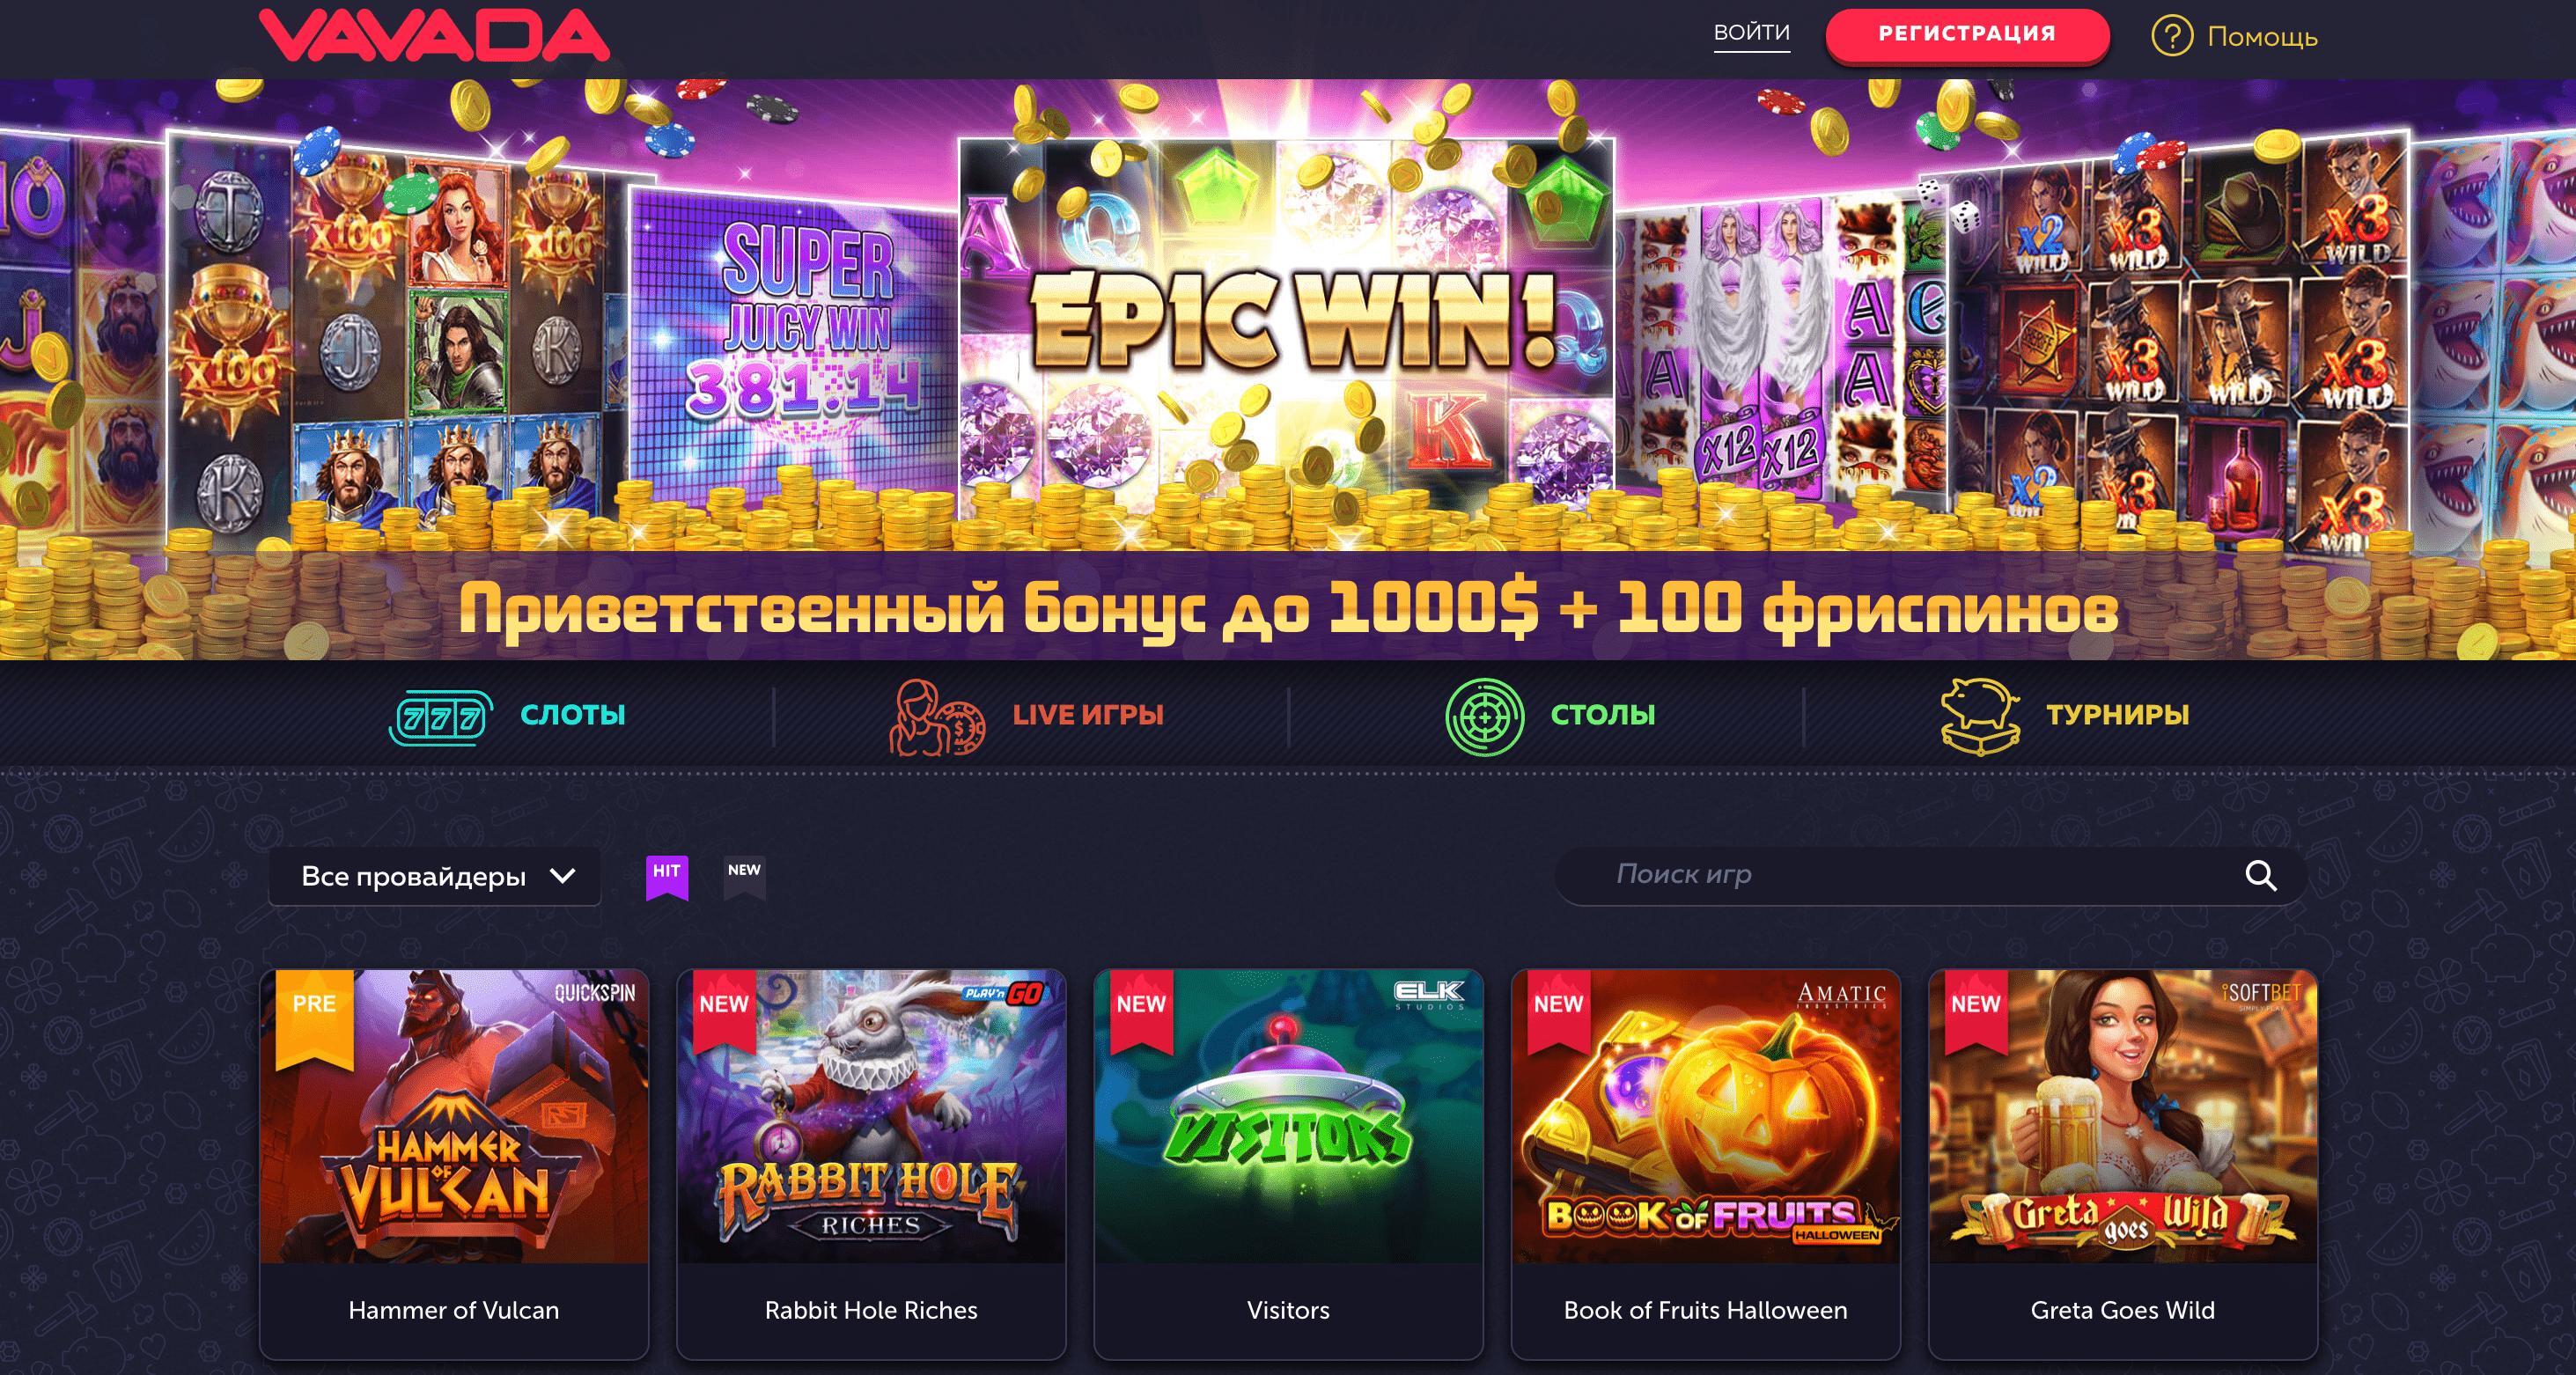 Казино ВАВАДА | Официальный Сайт | VAVADA Casino